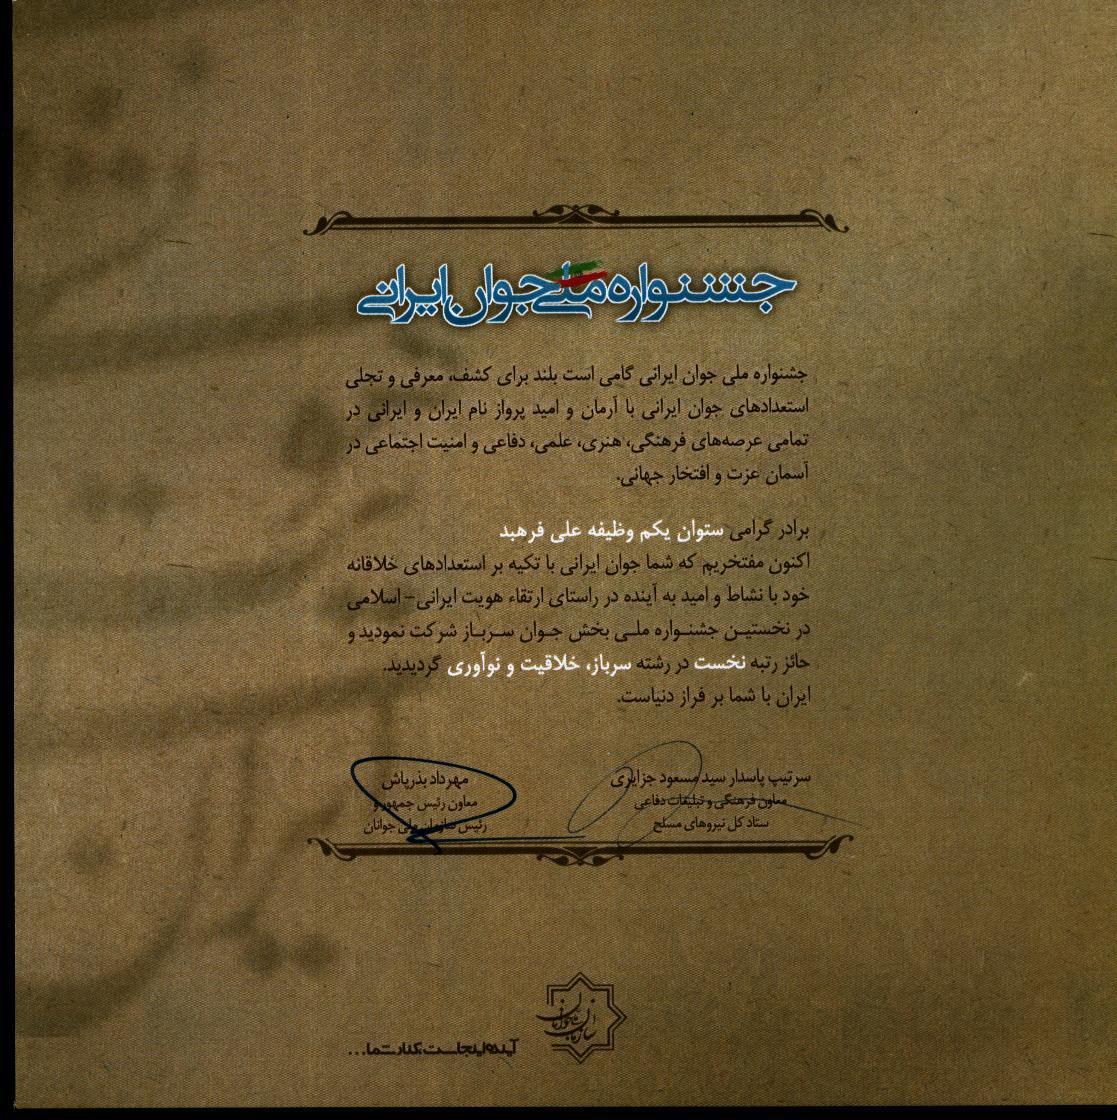 jashnvareh-javan-irani-001